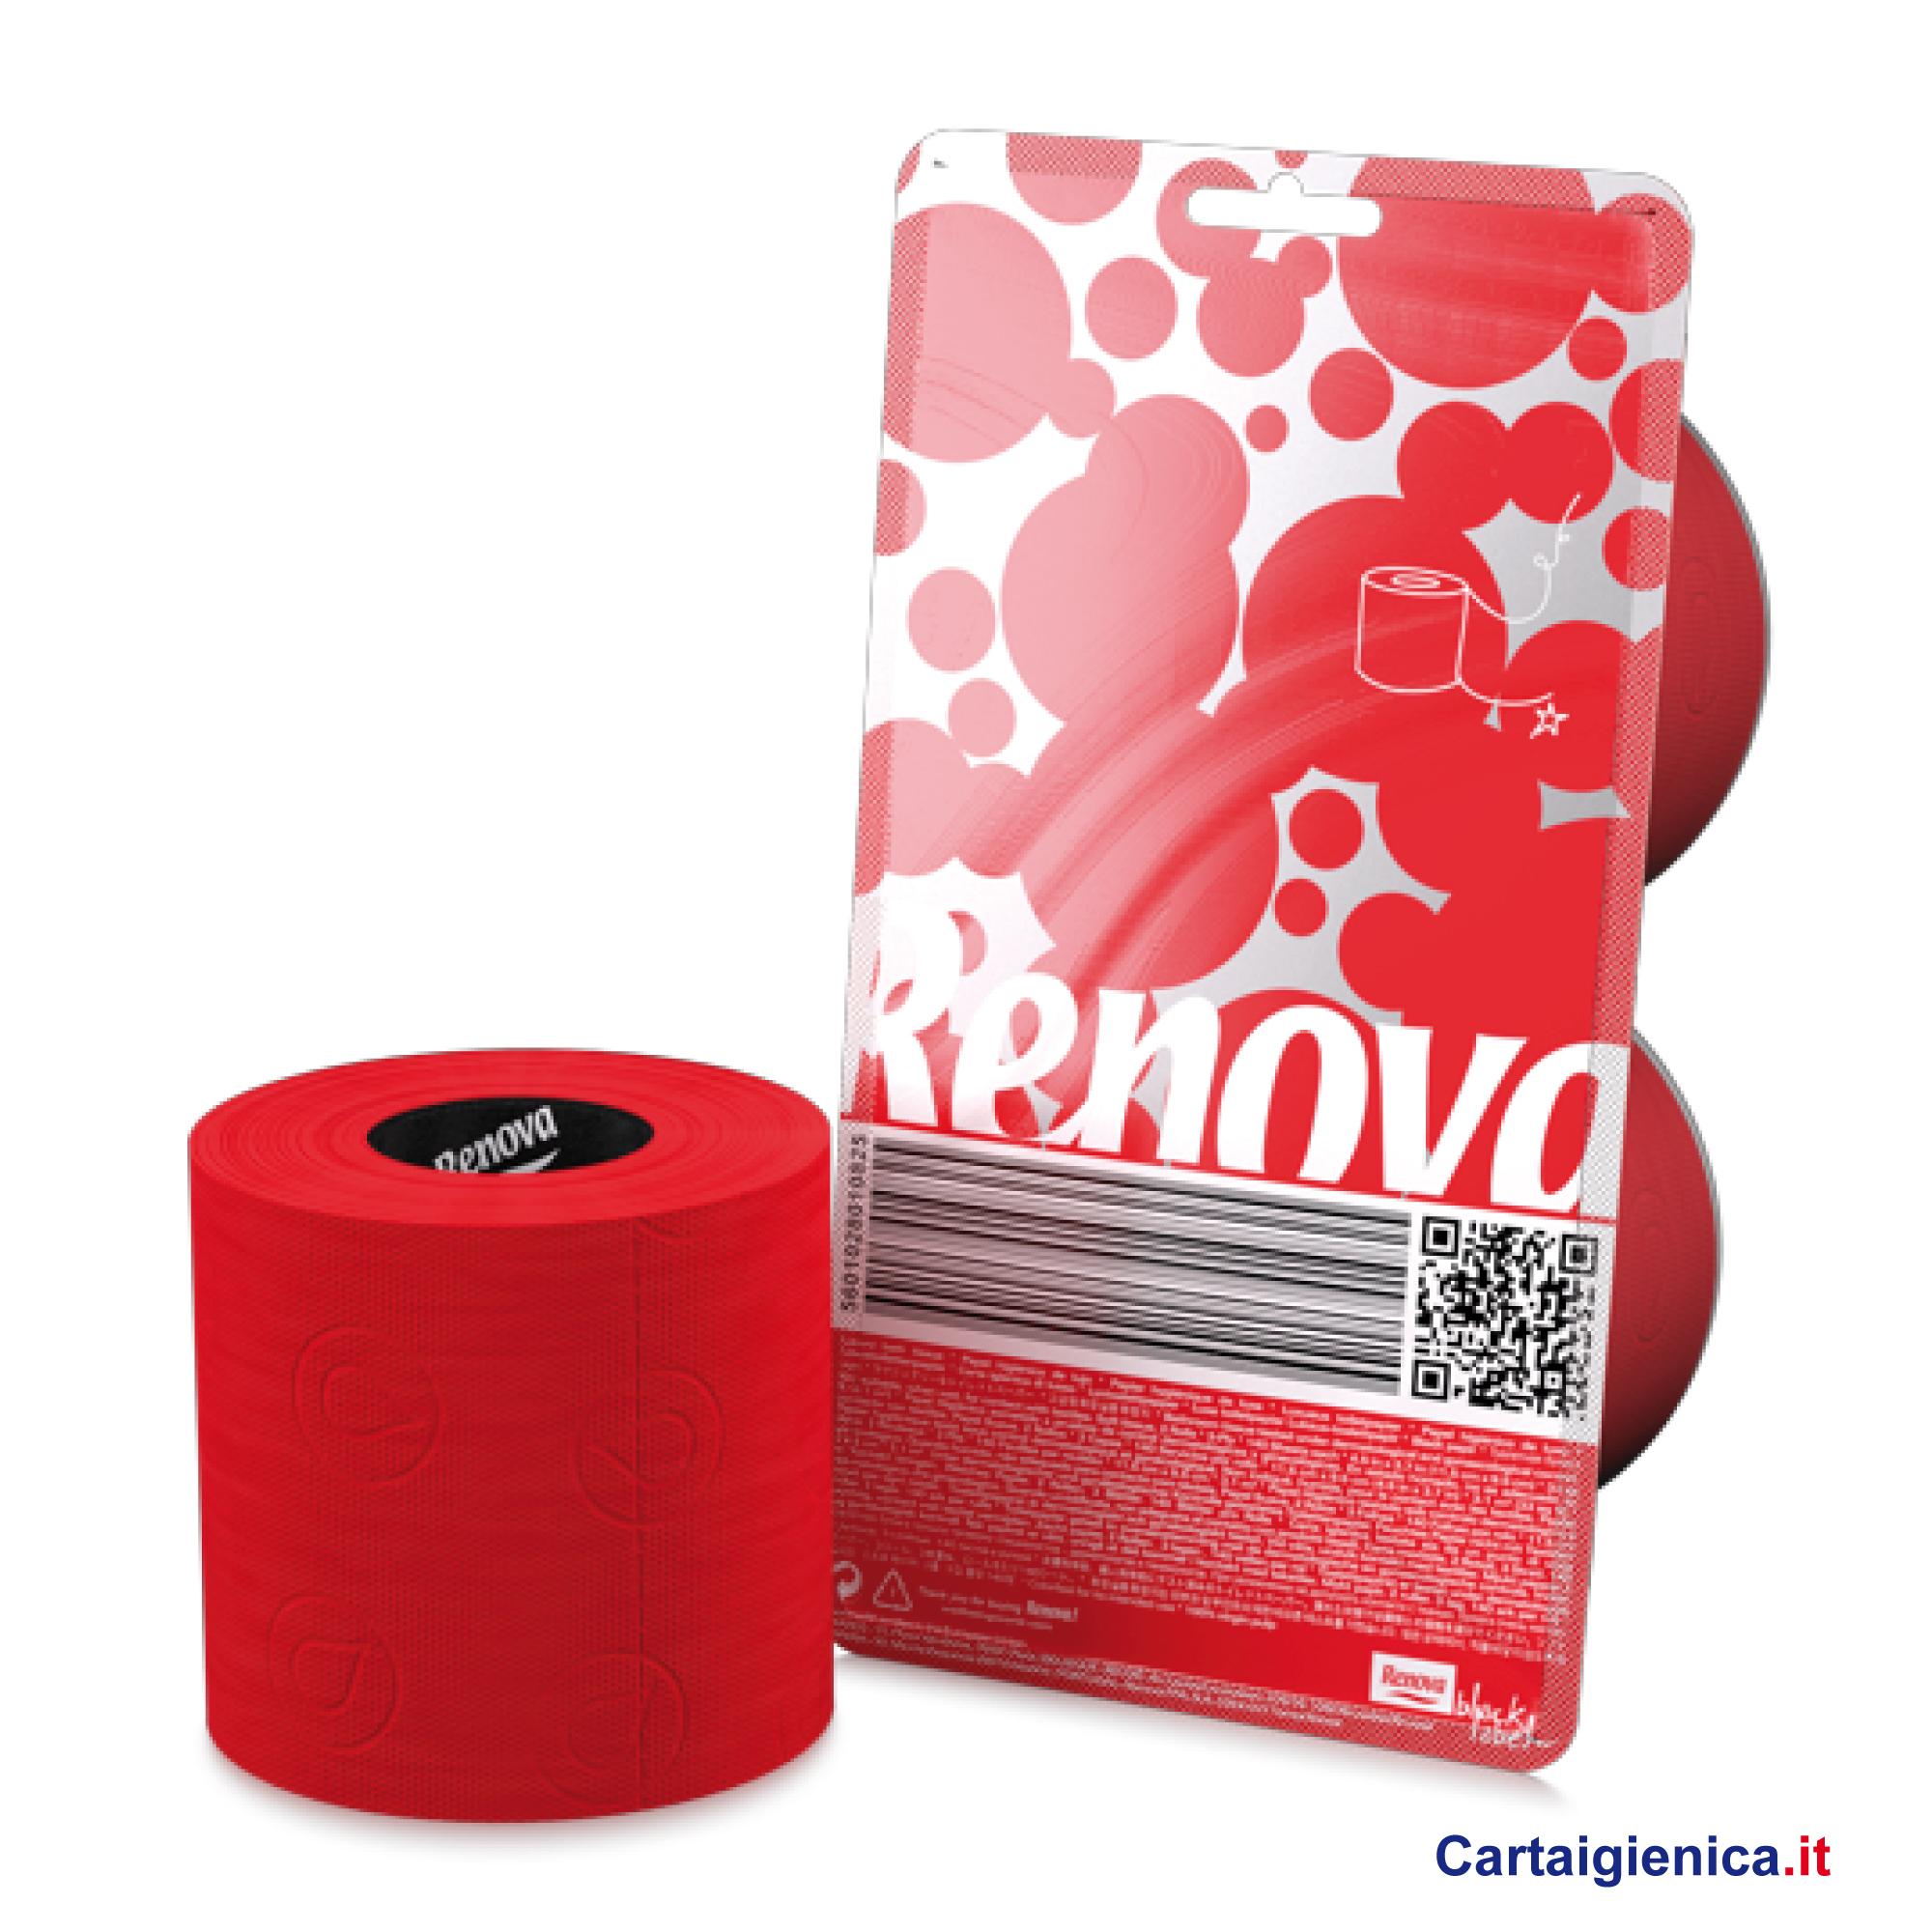 renova carta igienica colorata rosso 2 rotoli cartaigienica.it